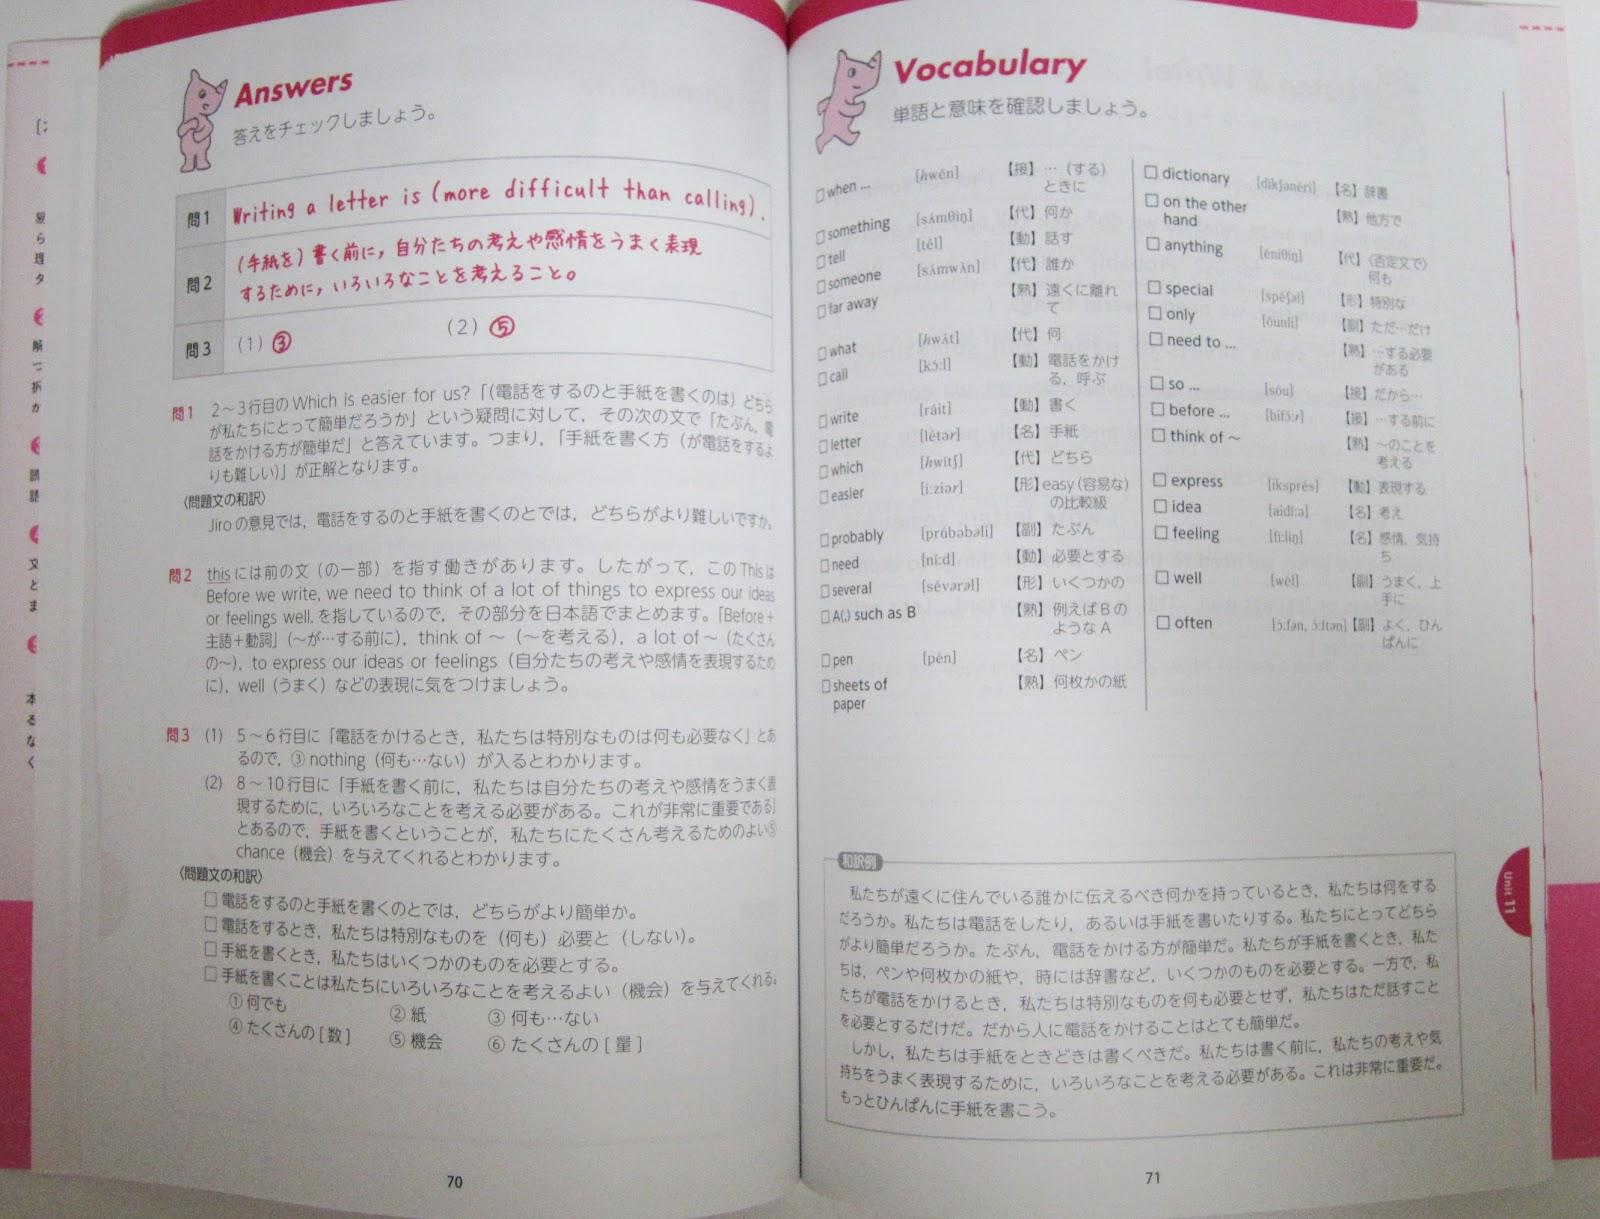 ... 英語教室 中学英語長文』発売